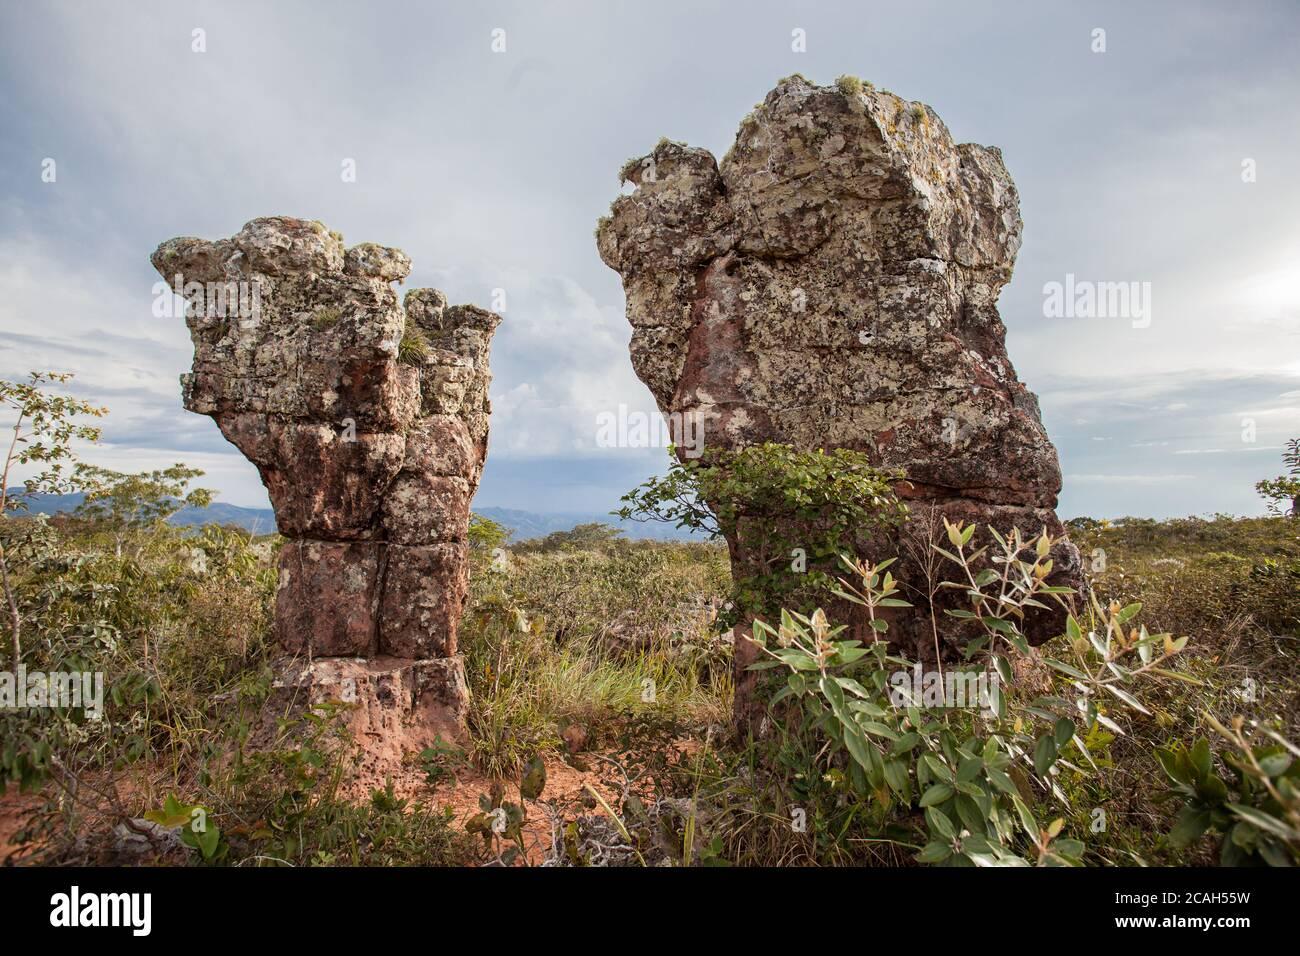 Città di pietra al Parco Nazionale di Chapada dos Guimaraes - Mato Grosso - Brasile Foto stock - Alamy